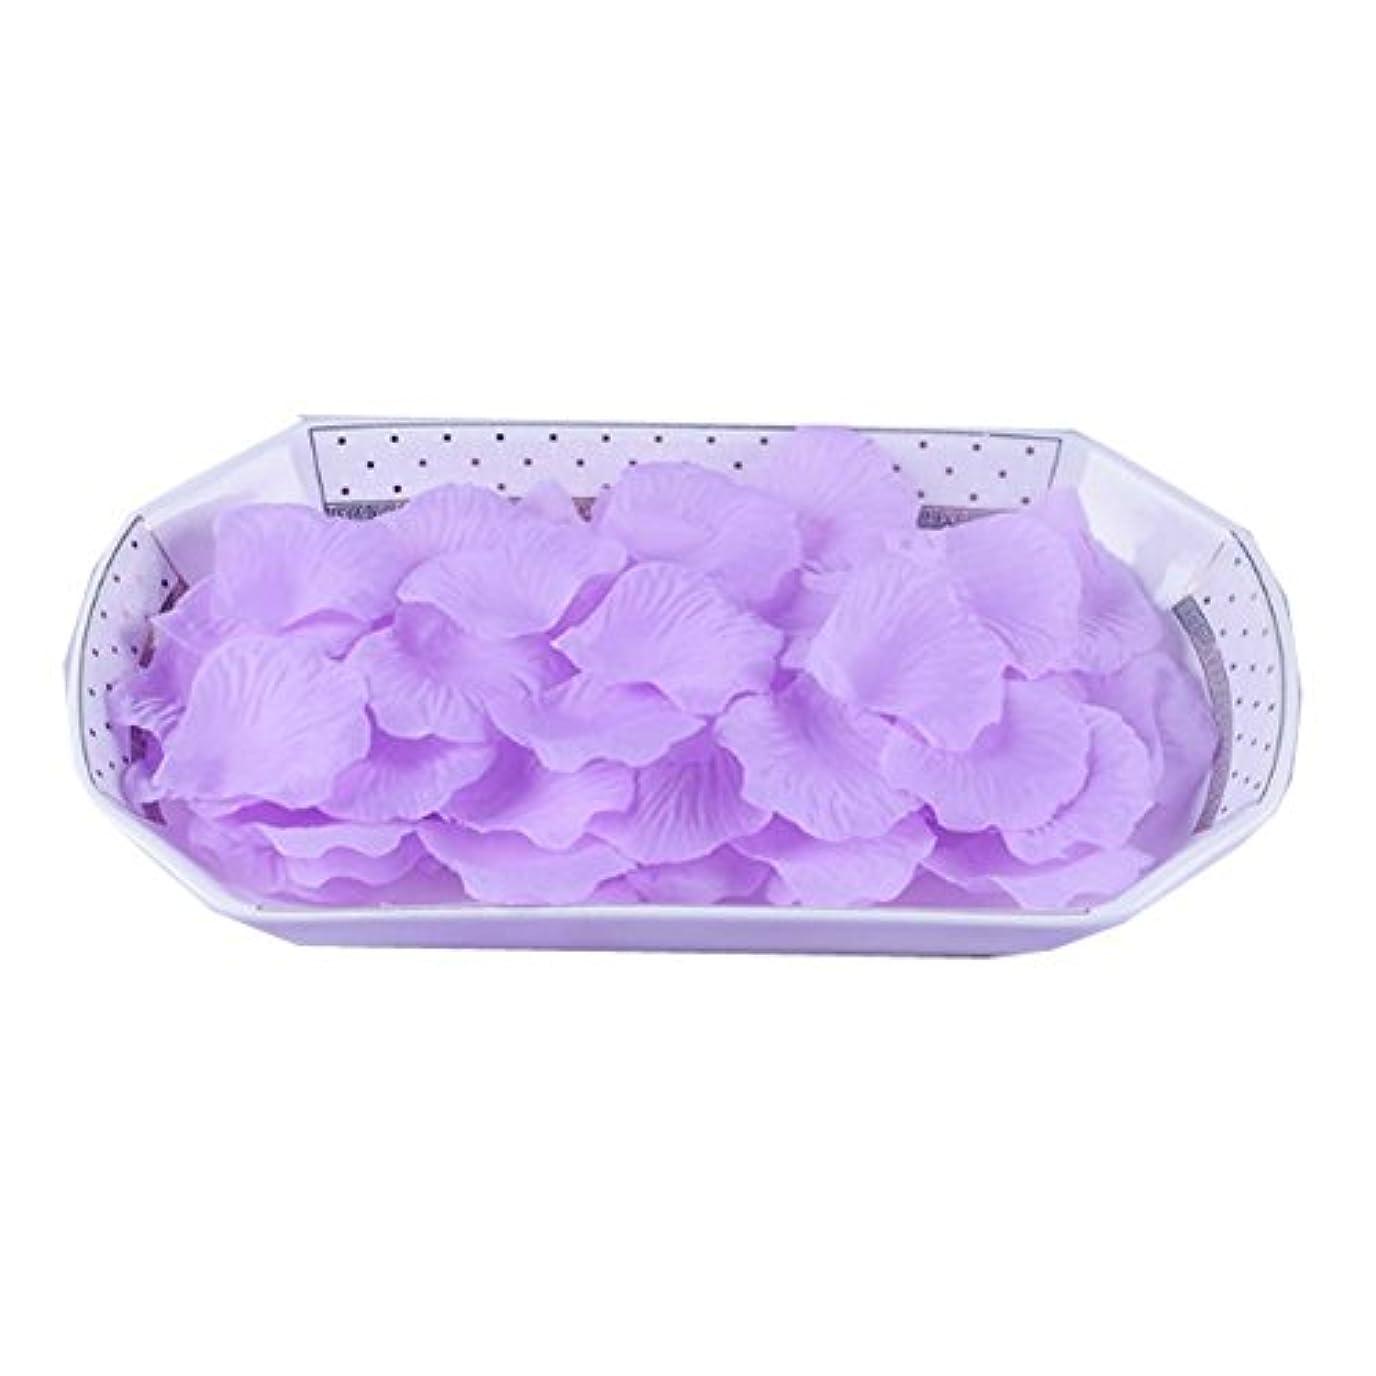 白内障法律により締める結婚式のパーティーの装飾のための人工のバラの花びらパープル3000台のPC